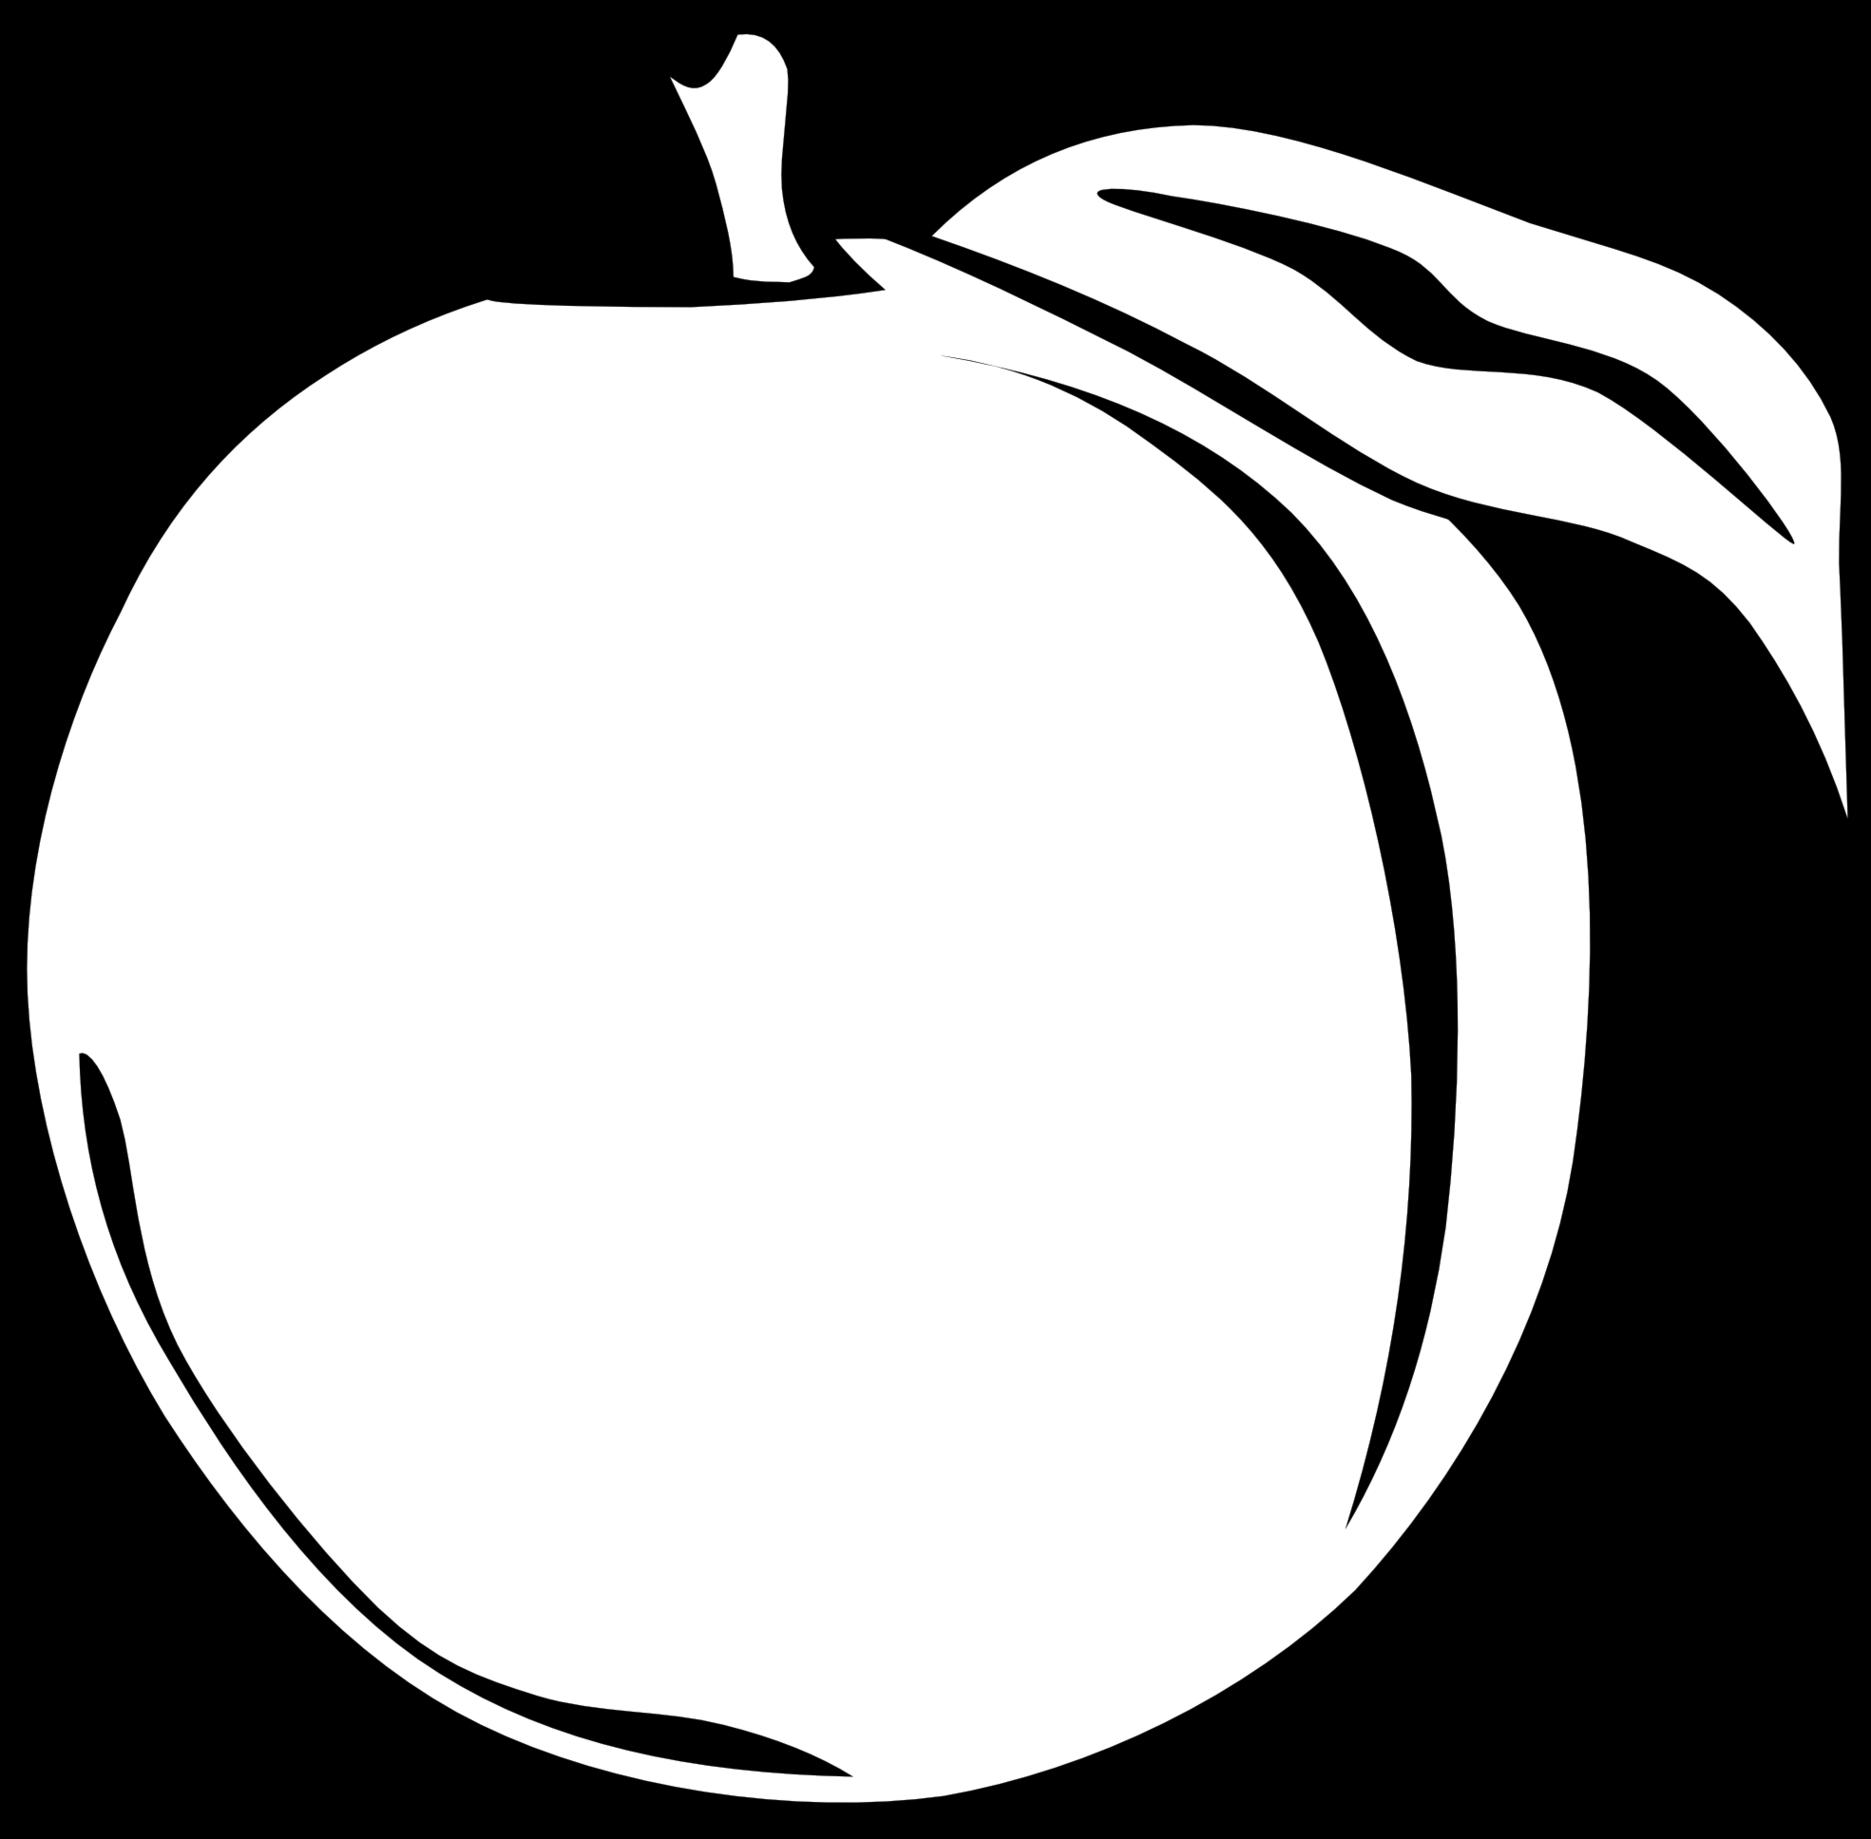 Peach clipart orange fruit Black orange Fruit black black